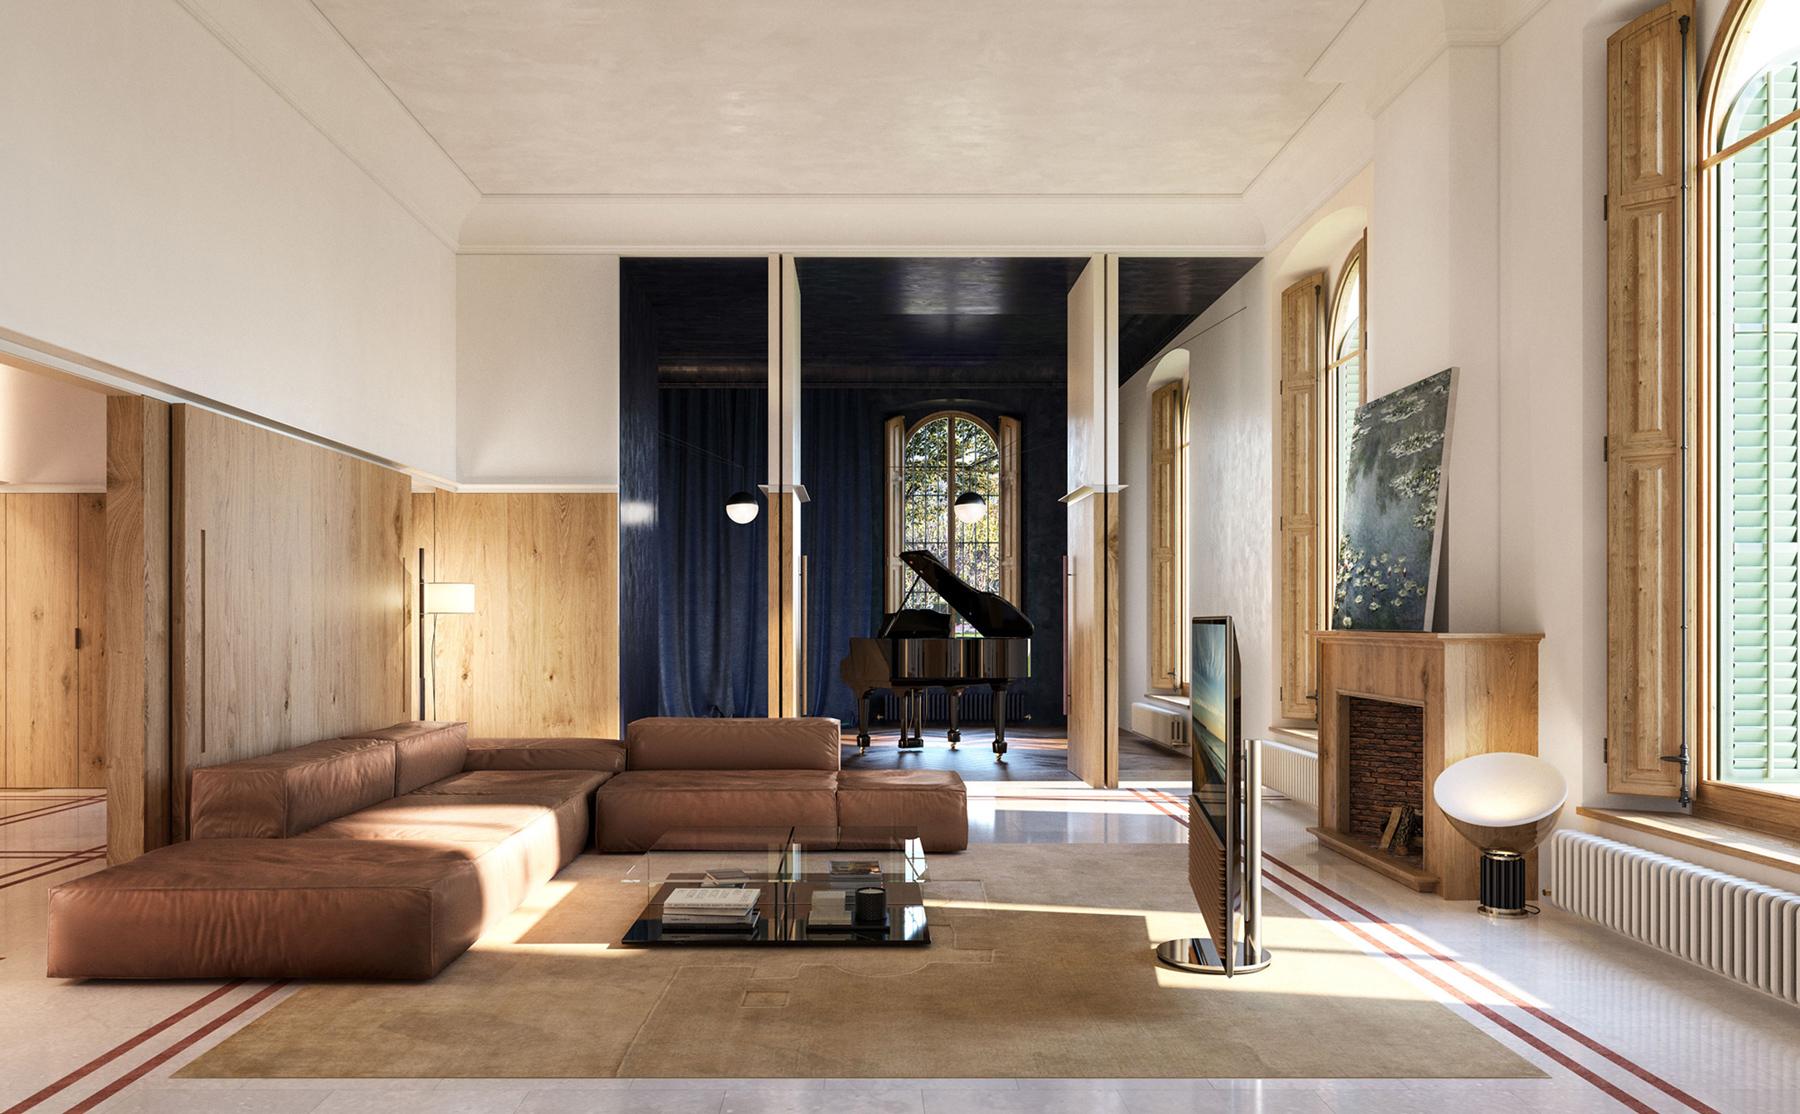 [object object] Interiorismo en Barcelona: Mesura crea proyectos lujuosos y elegantes mesura arquitectos architects can llimona reforma interior design play time 03 1